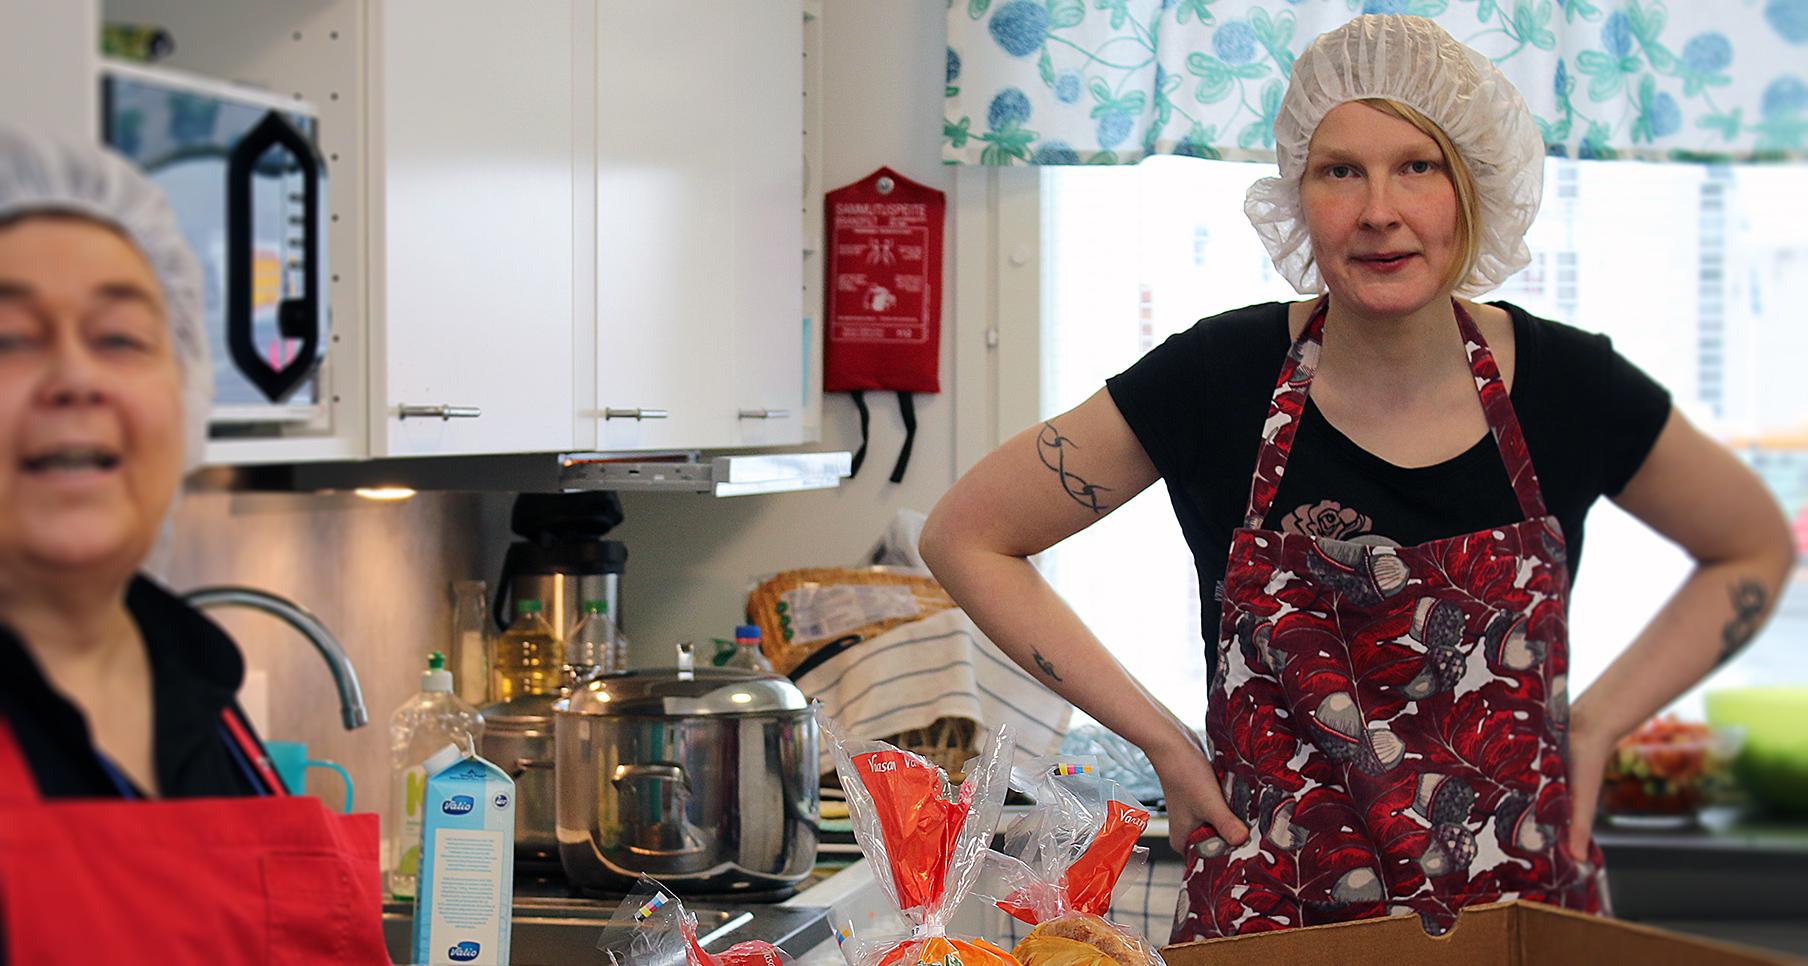 Kaksi naista Rovaniemen päiväkeskuksen keittiössä.